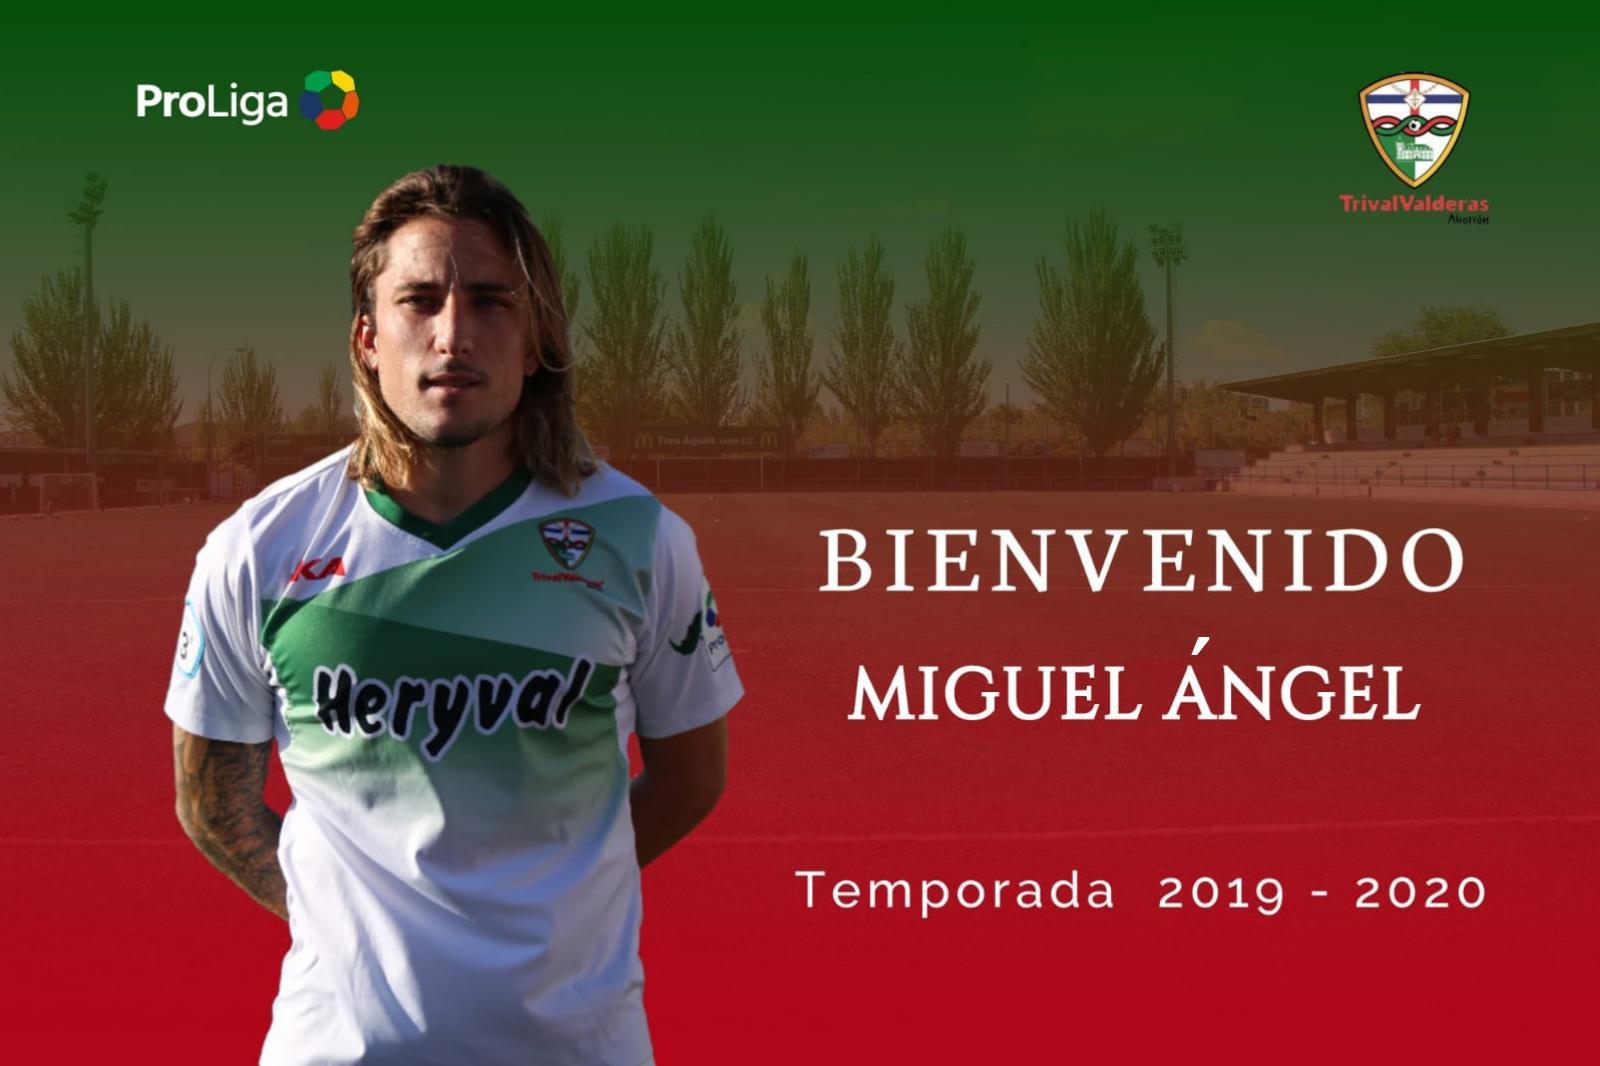 OFICIAL | Miguel Ángel, nueva incorporación del Primer Equipo